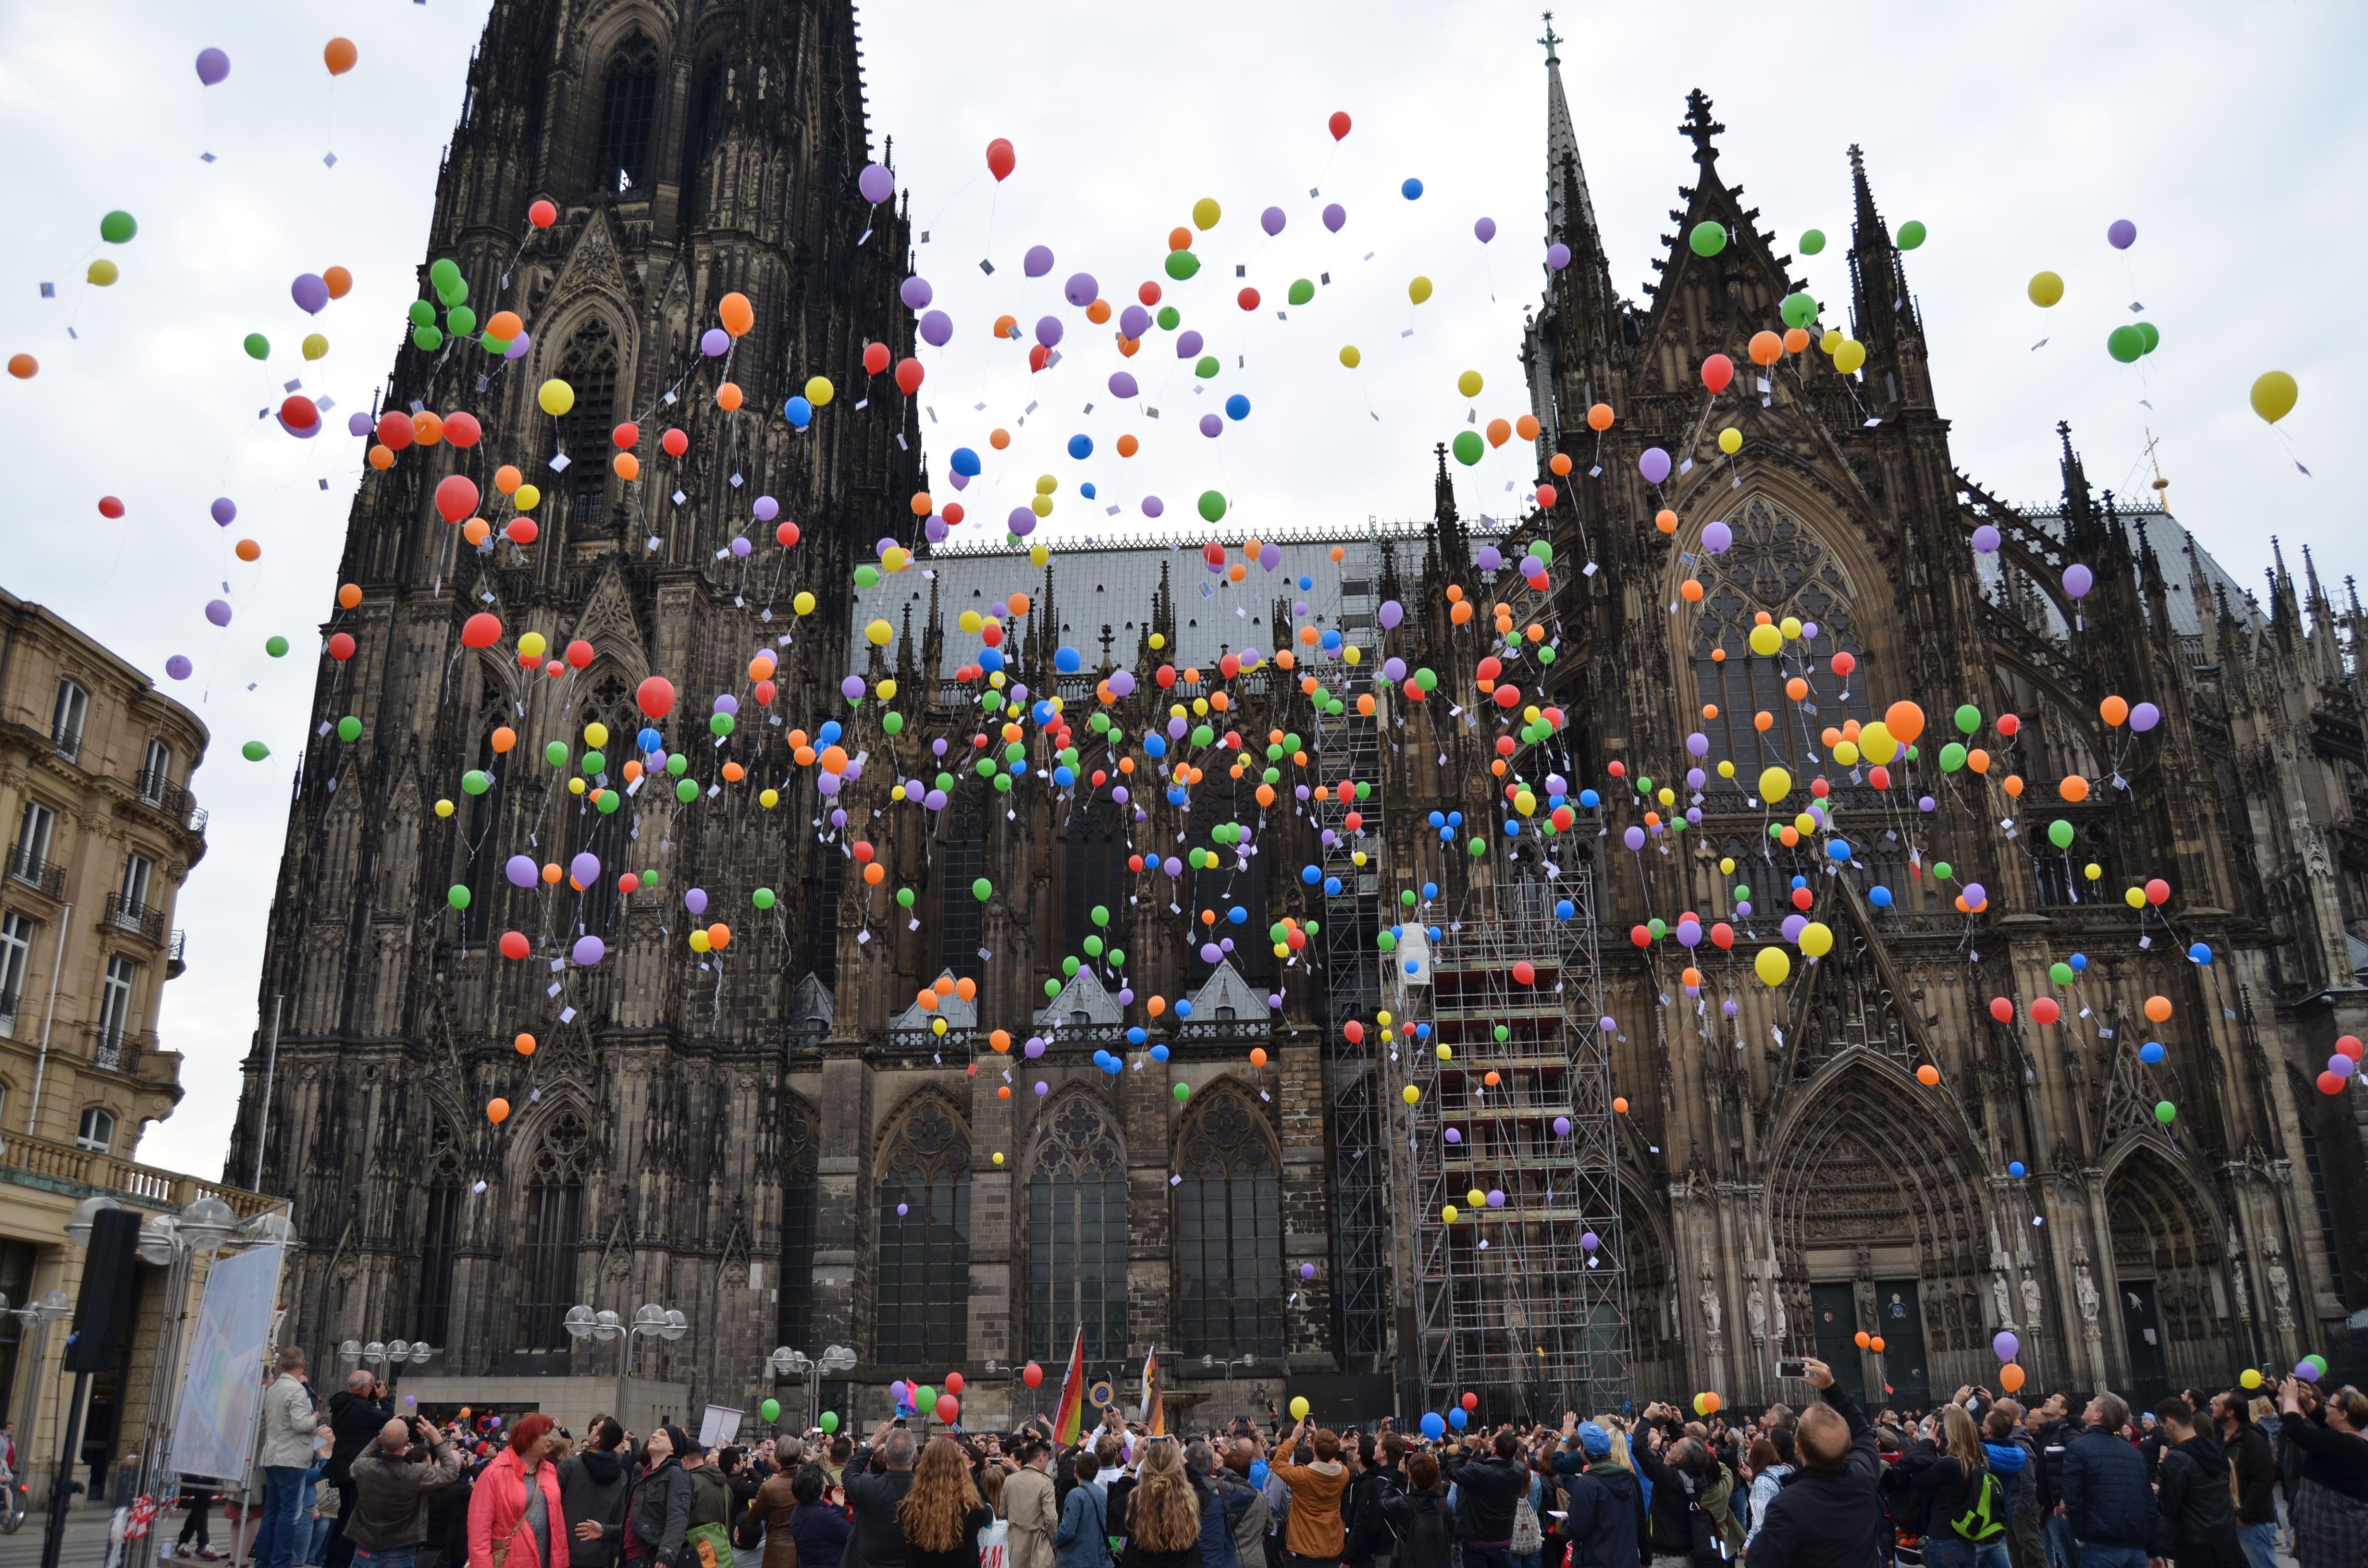 Finissage: HBTQ i Tyskland - kampen för jämställdhet är inte över